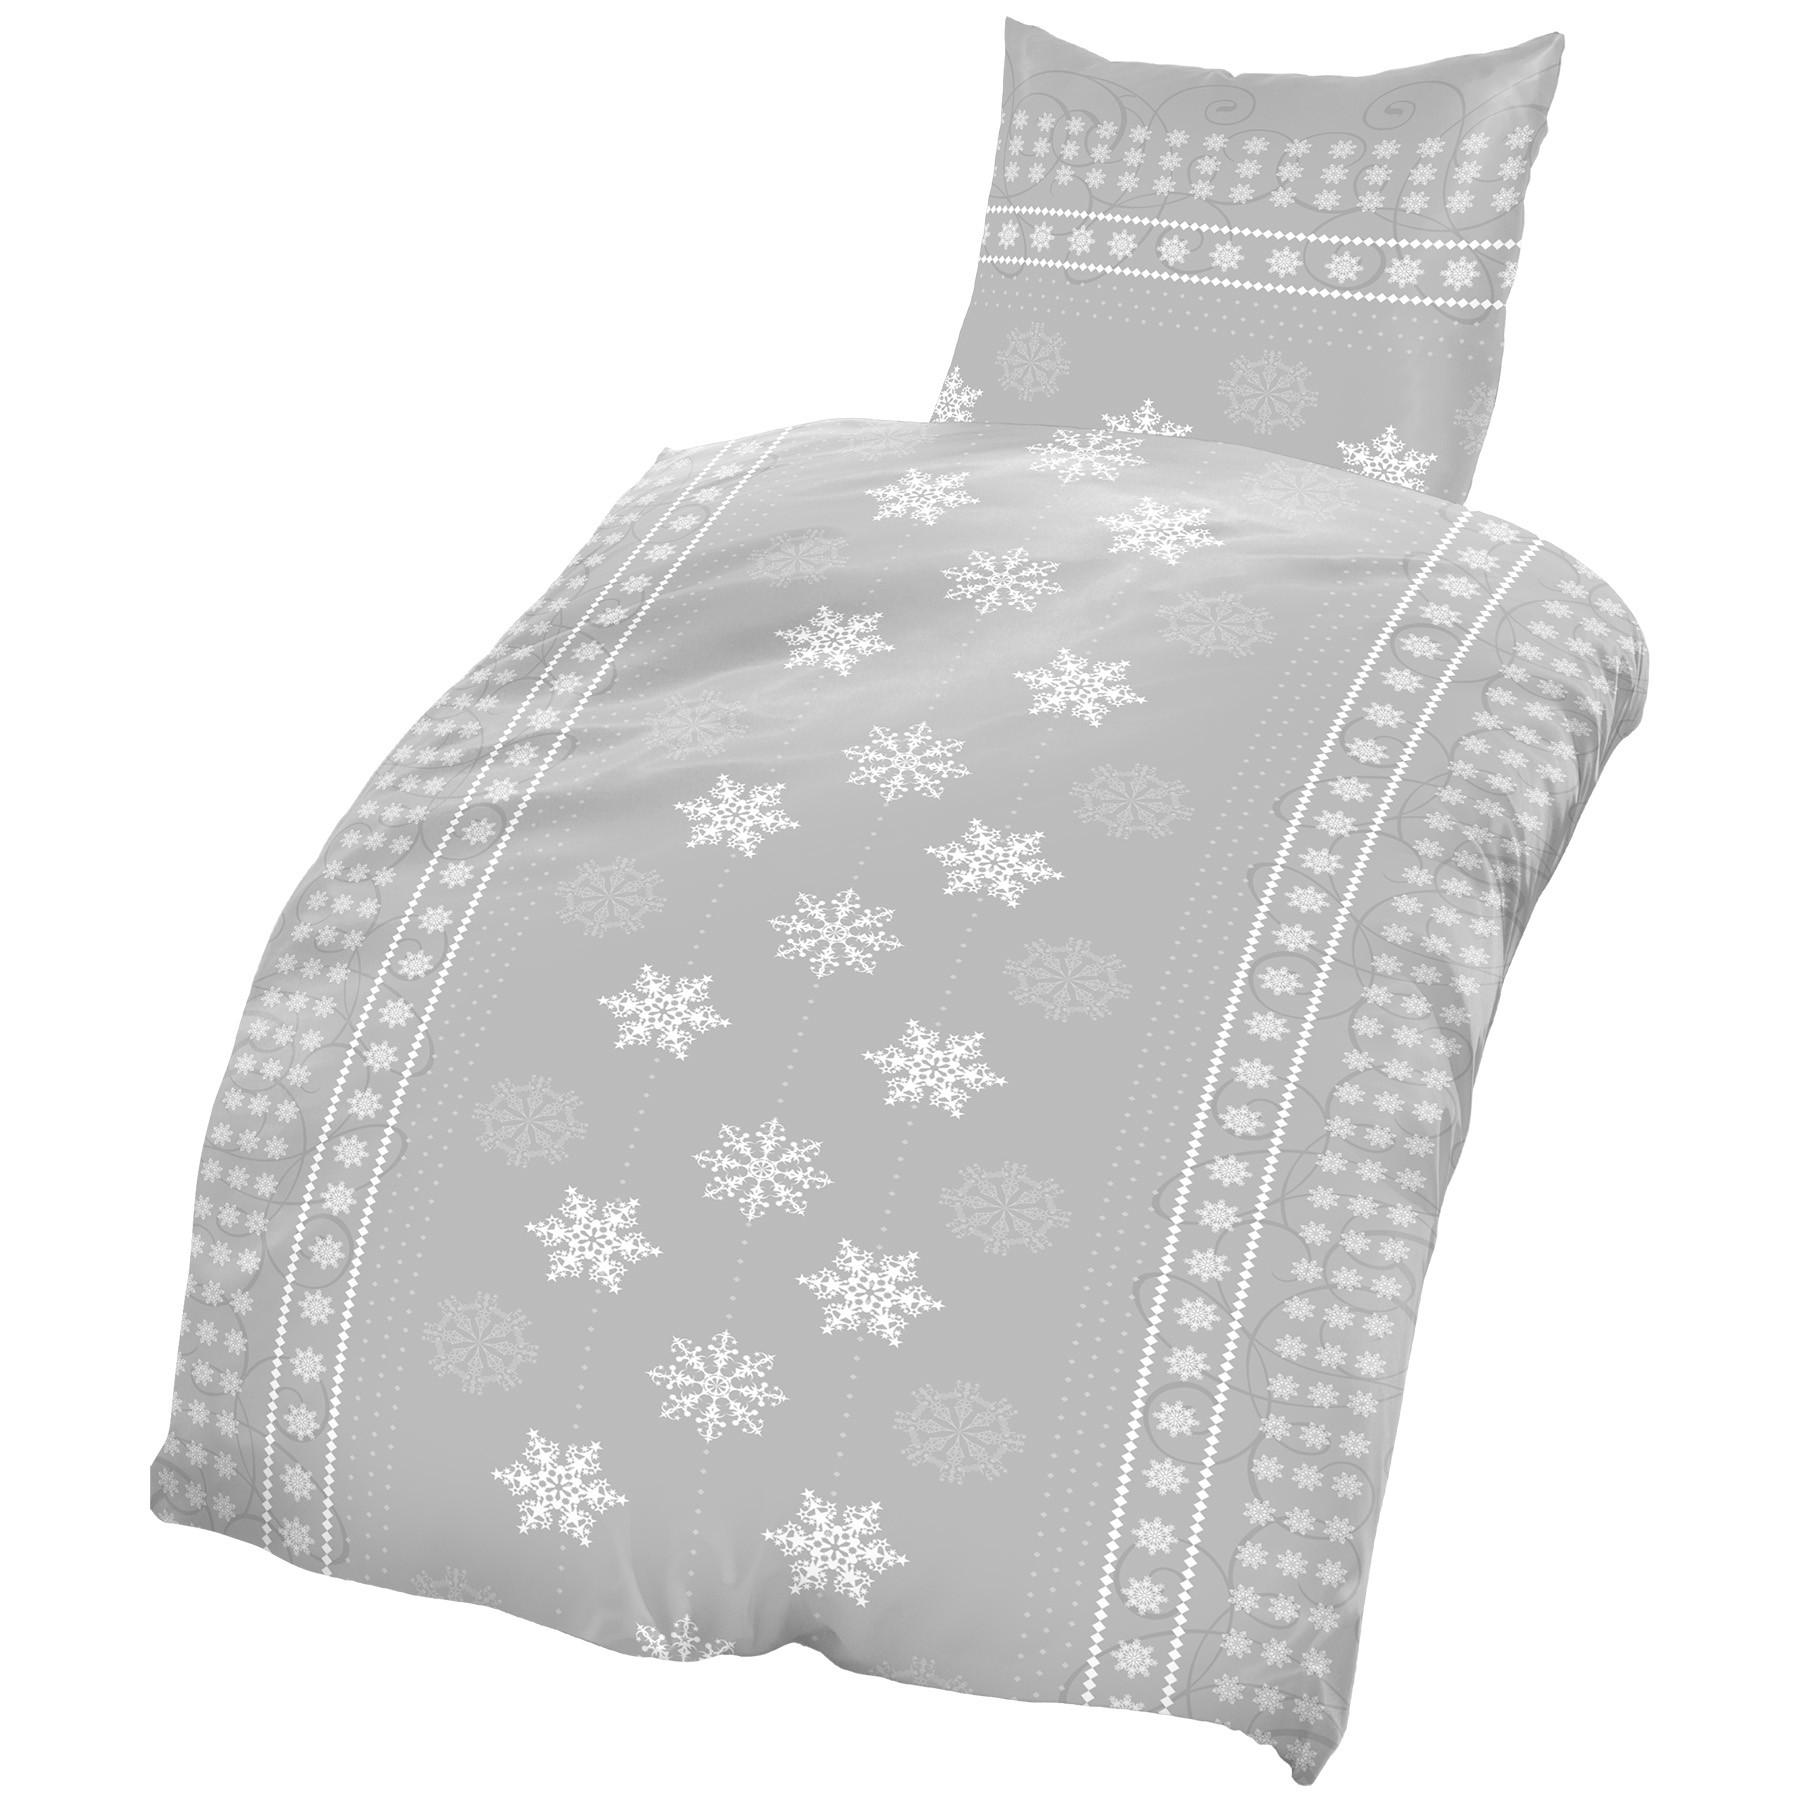 Biber Bettwäsche 135x200 Cm Kristall Schneeflocken Winter Grau Weiß